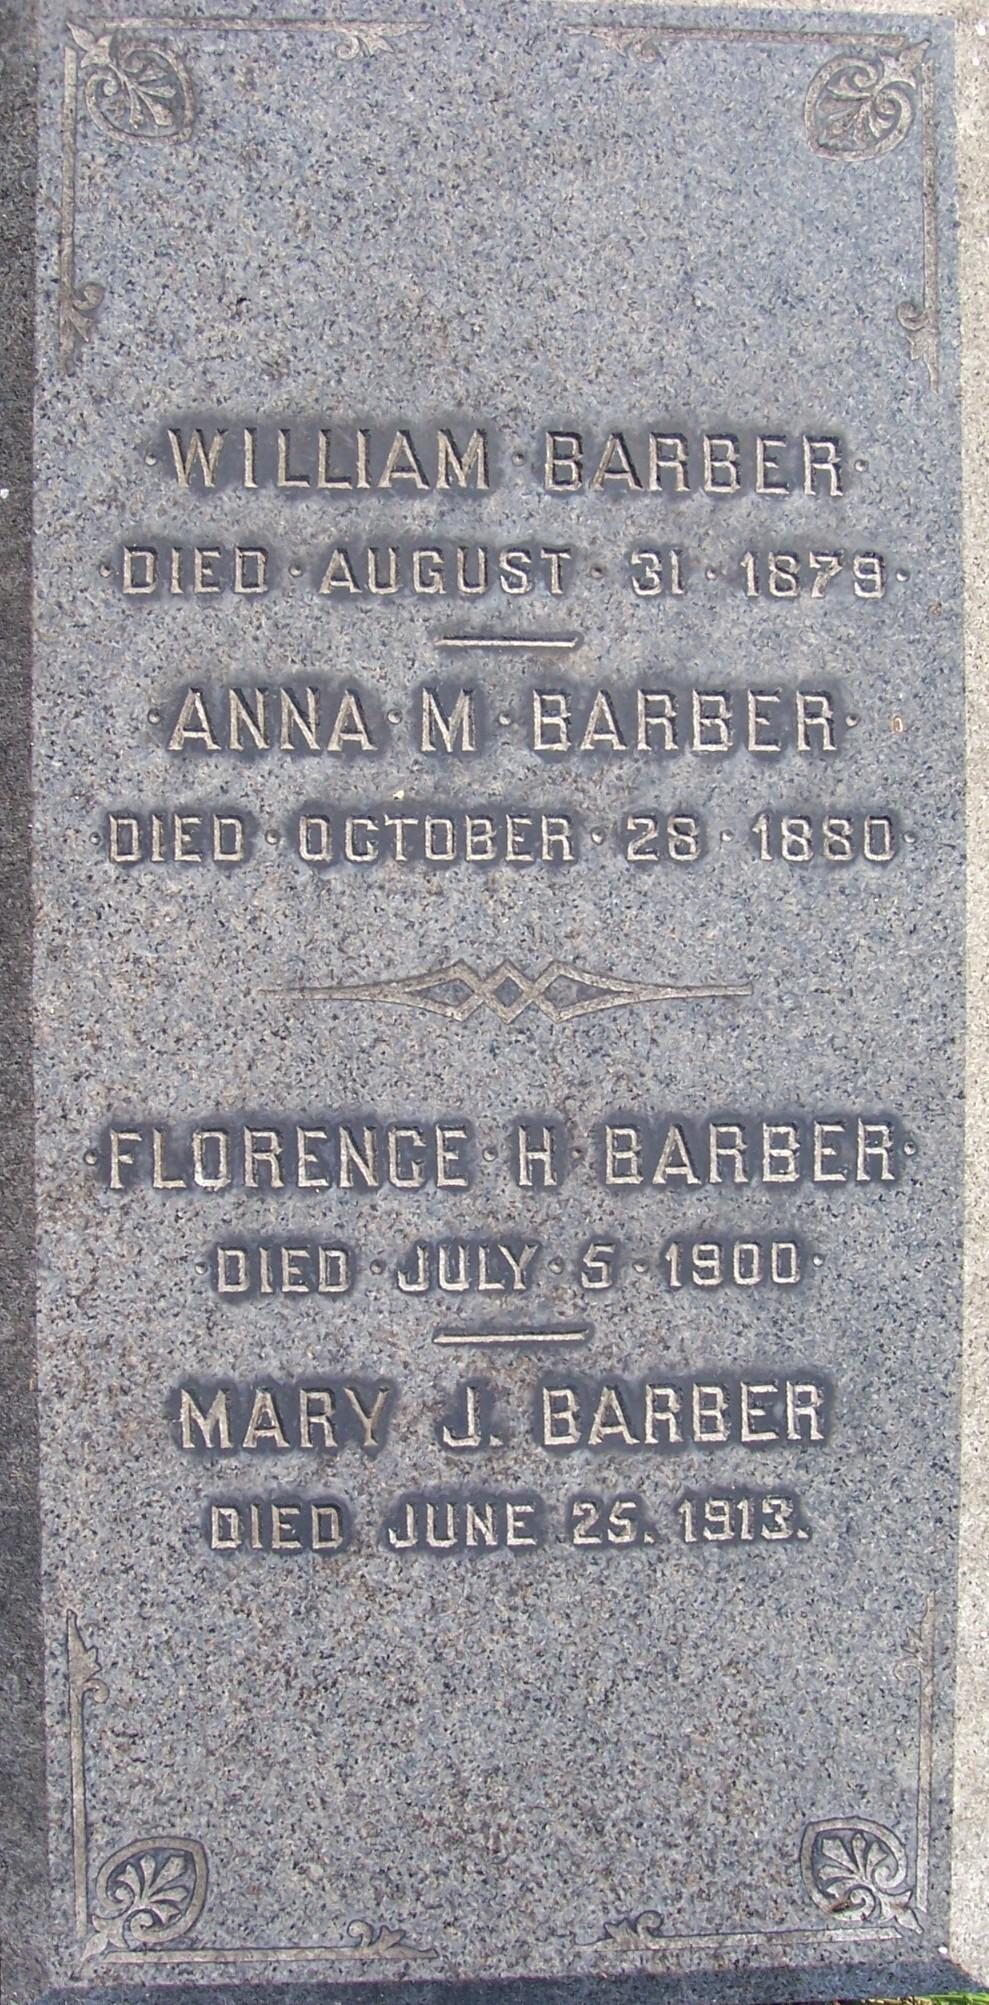 Florence H Barber